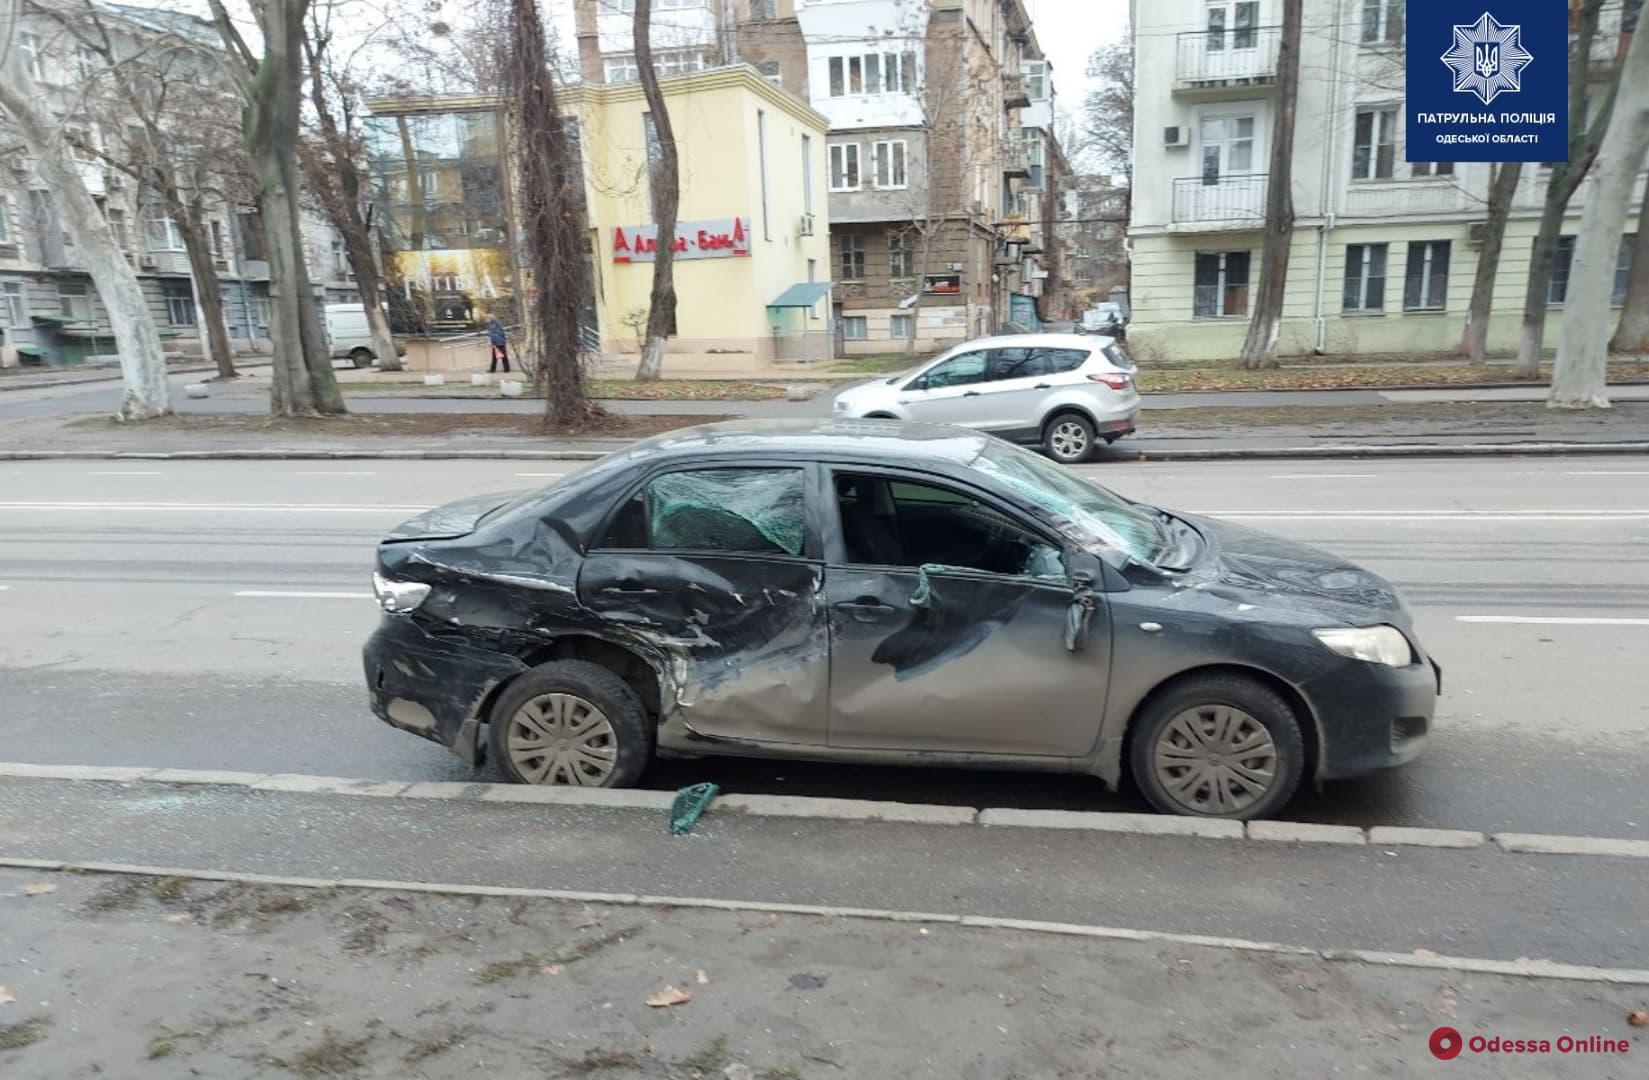 В Одессе Dodge Ram врезался в остановку, столкнулся с двумя авто и скрылся